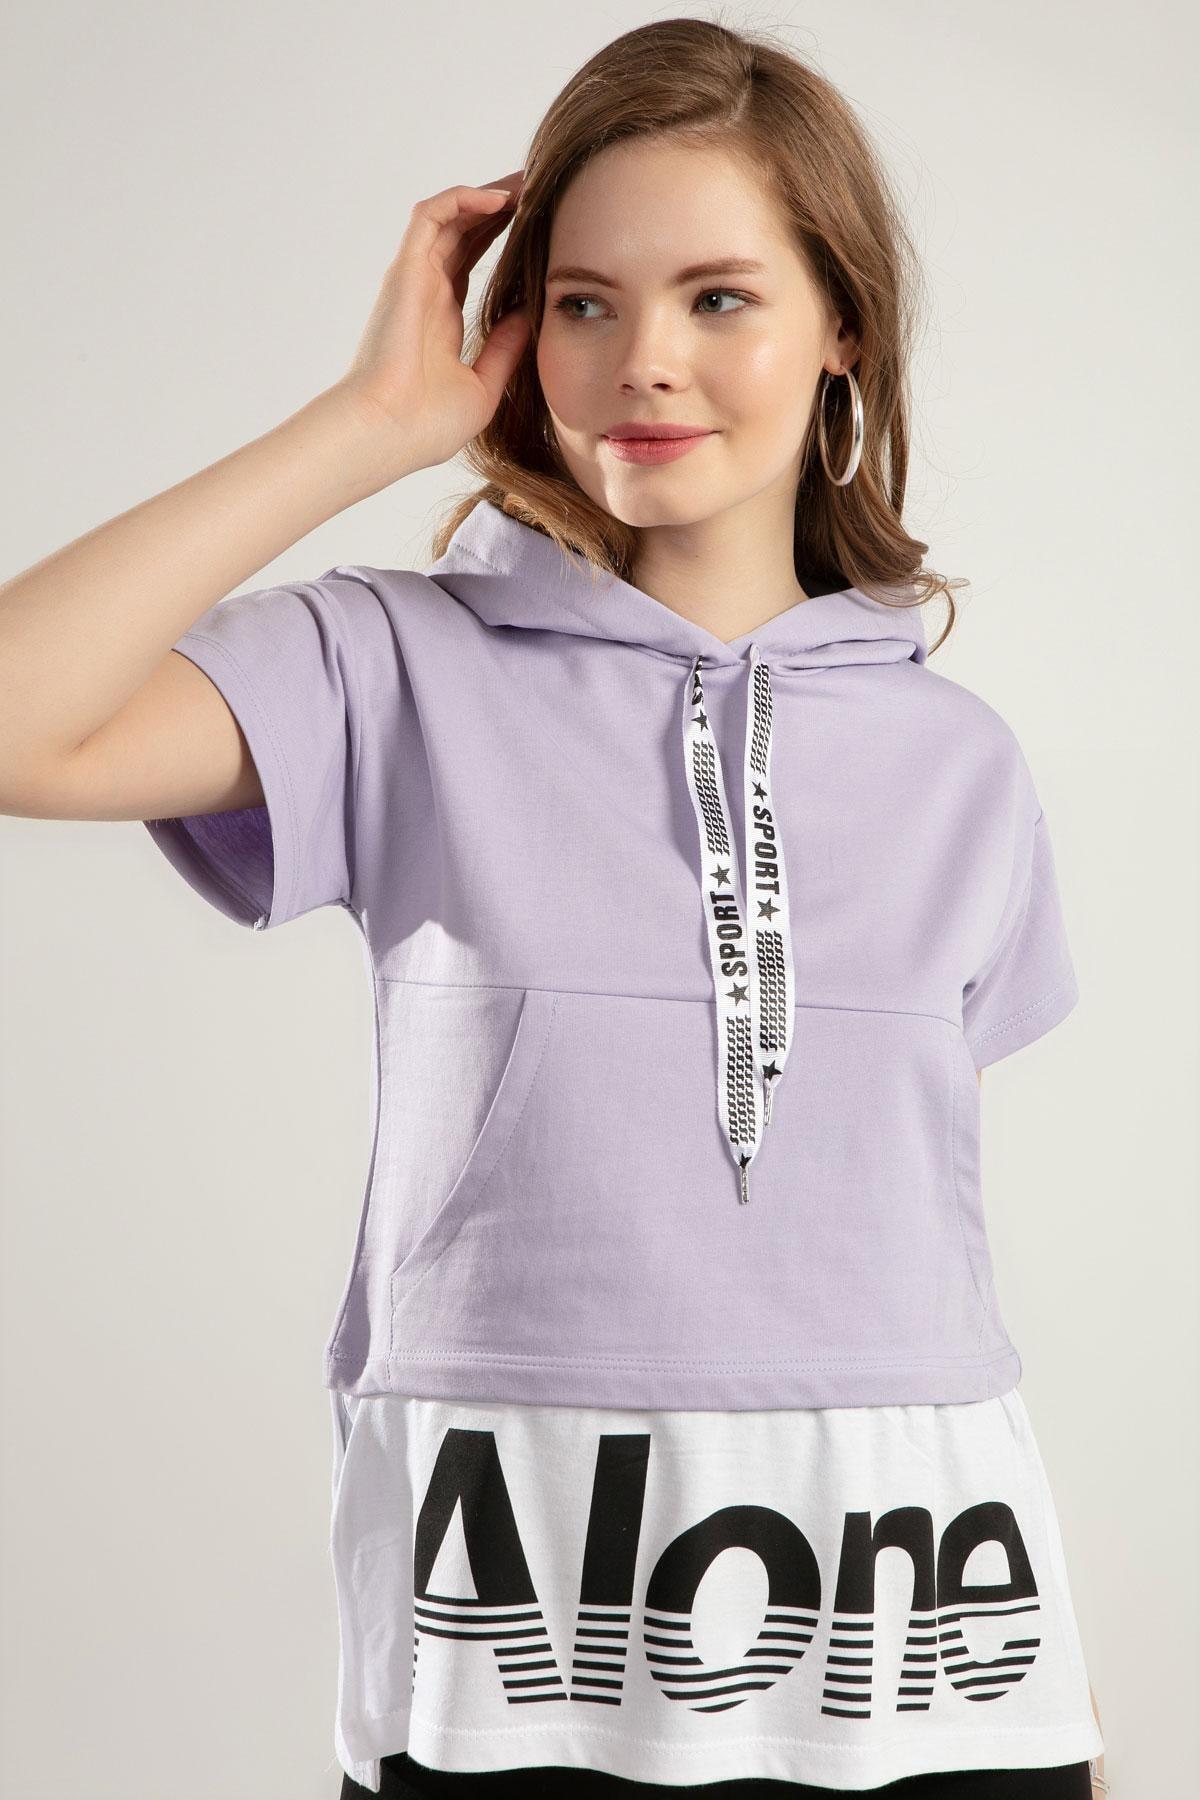 Kadın Baskılı Kısa Kollu Örme Sweatshirt Y20s110-4143